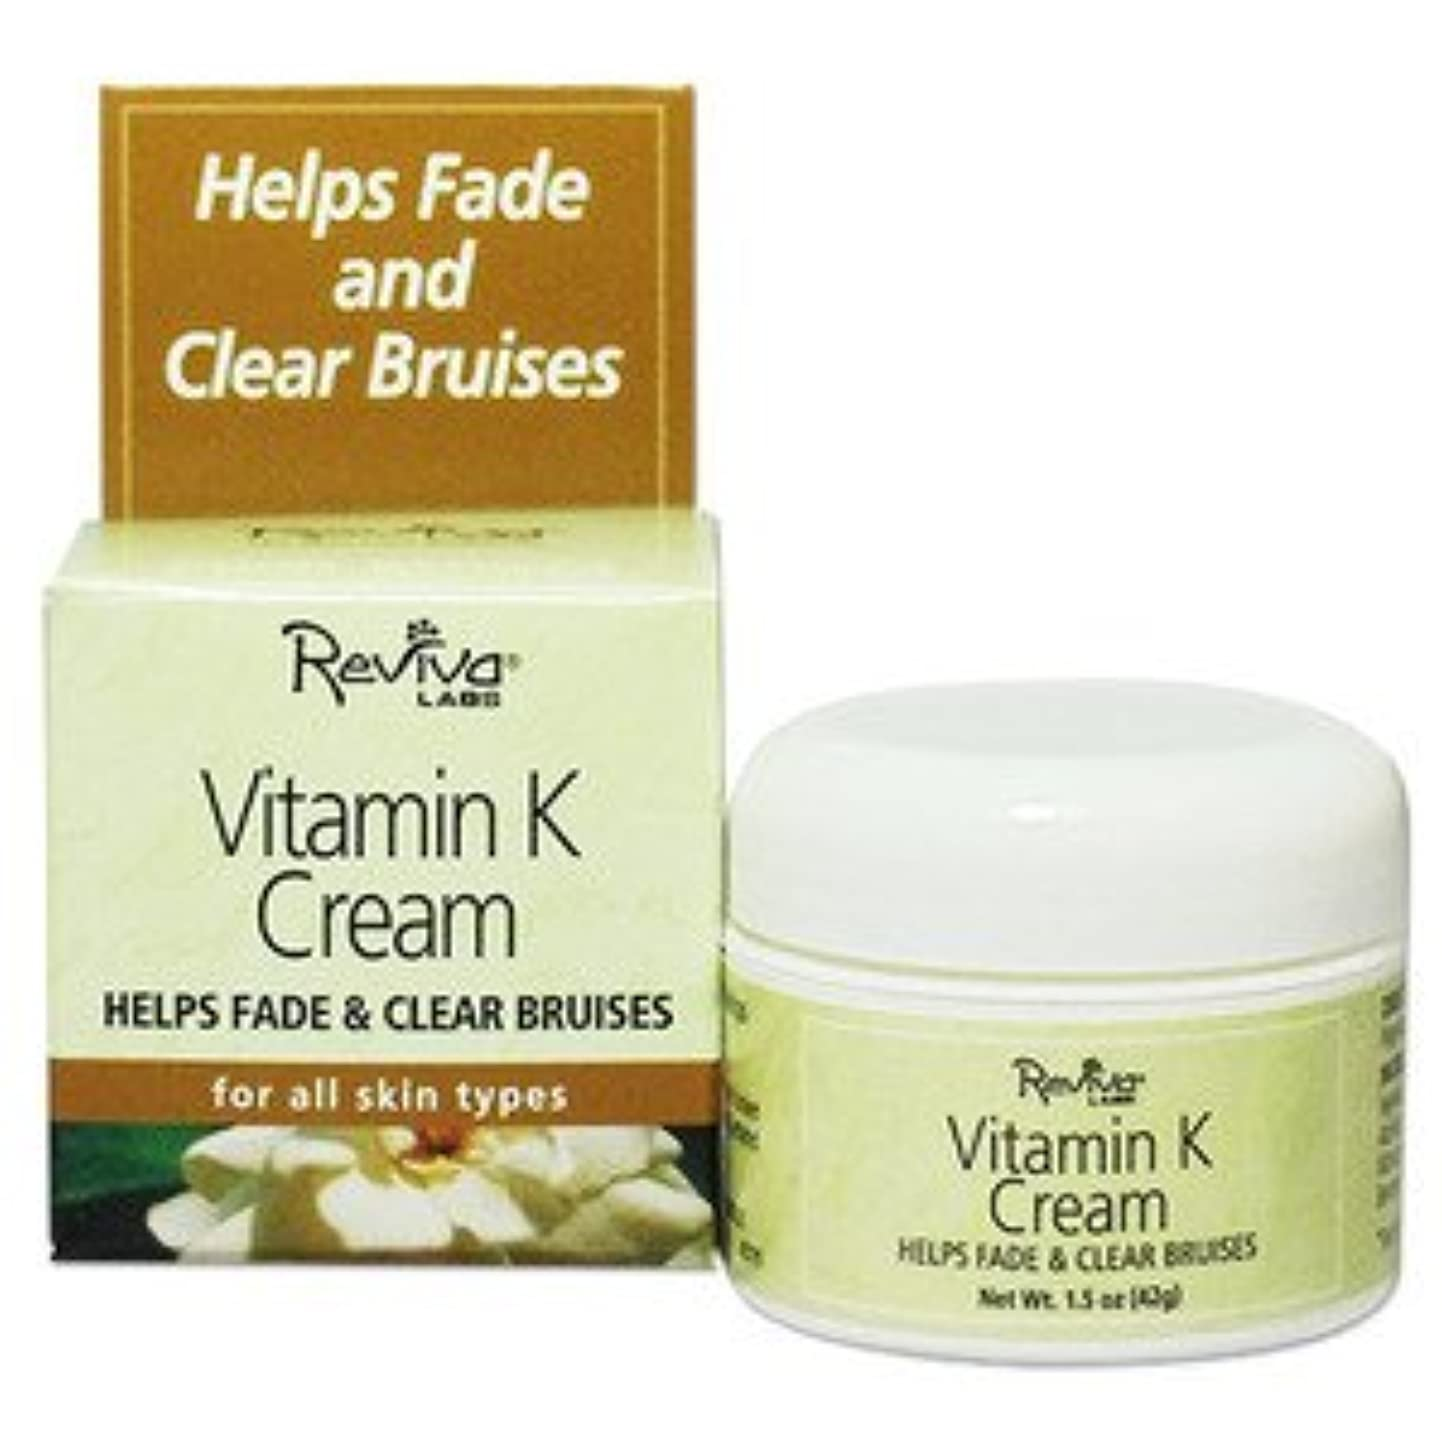 比喩大人お世話になったReviva Labs レビバ社 Vitamin K Cream  (42 g)  ビタミンK クリーム 海外直送品